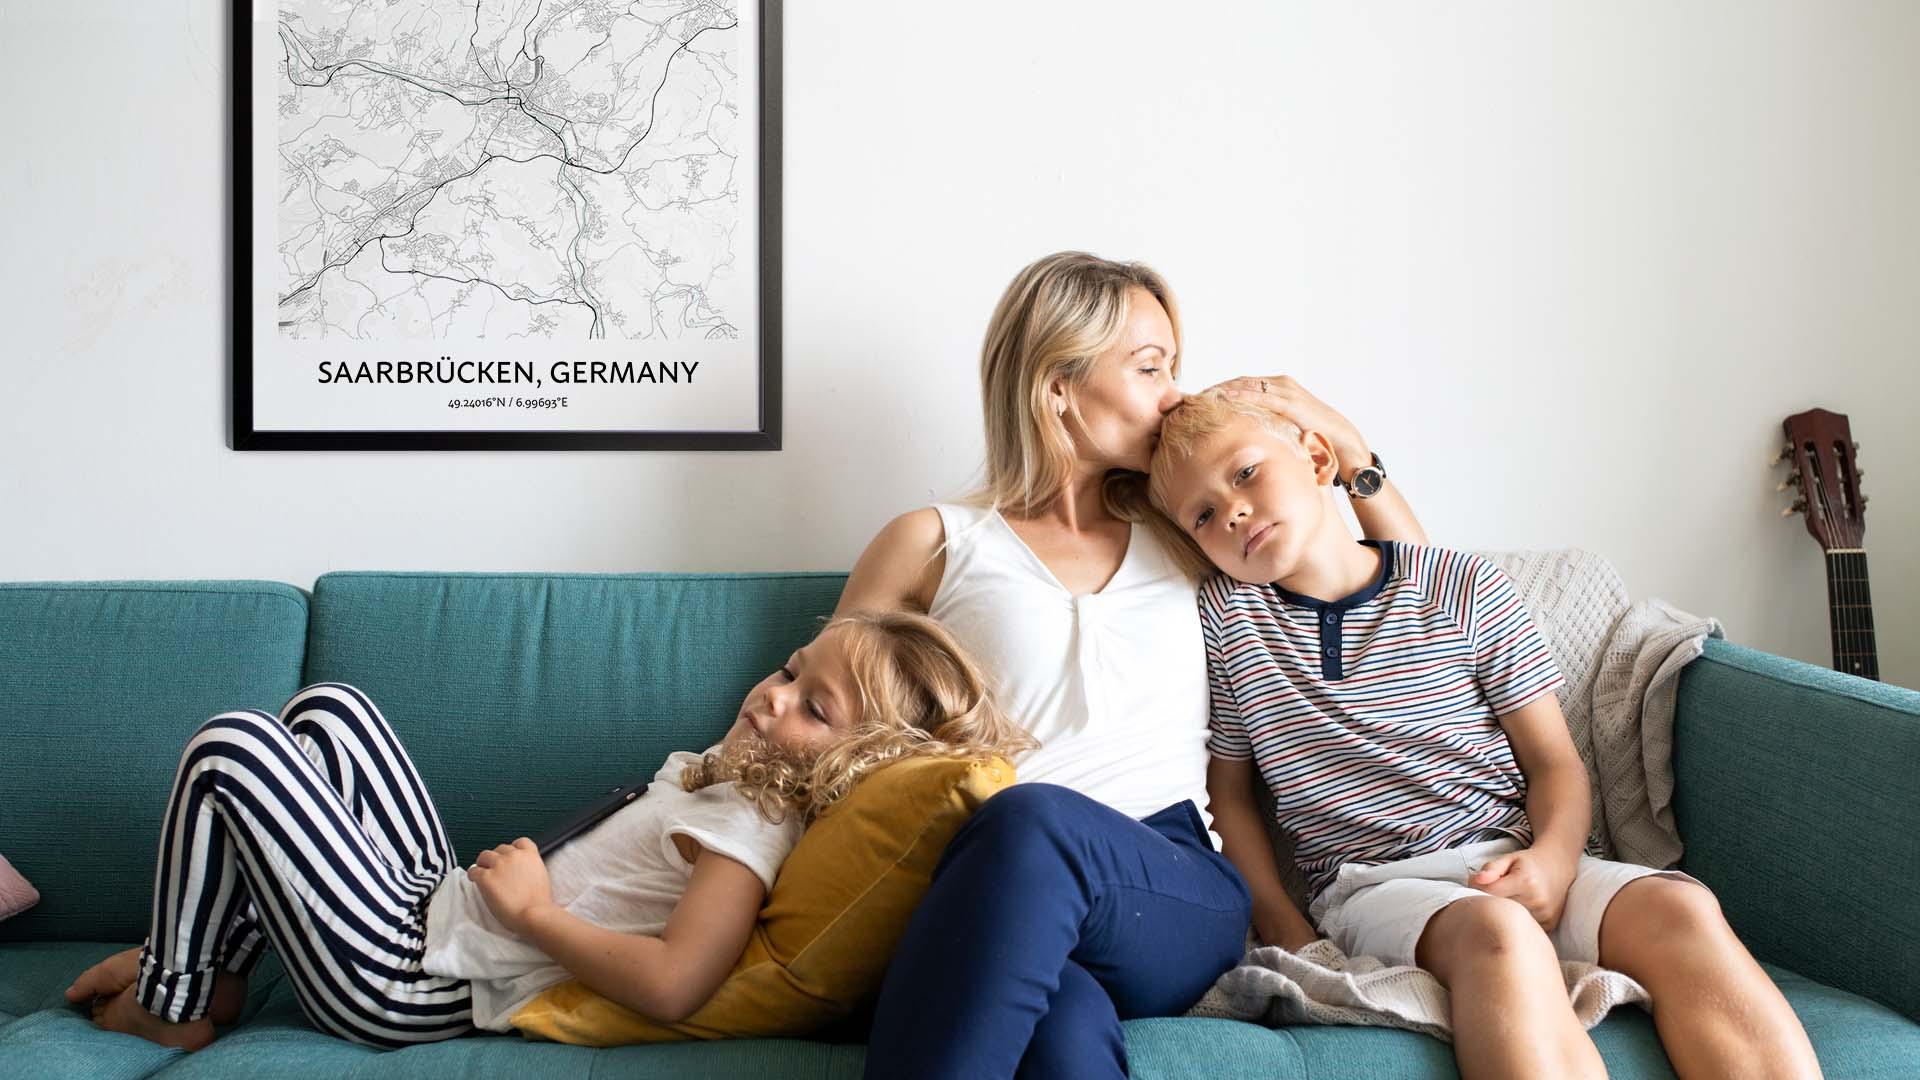 Saarbrucken map poster